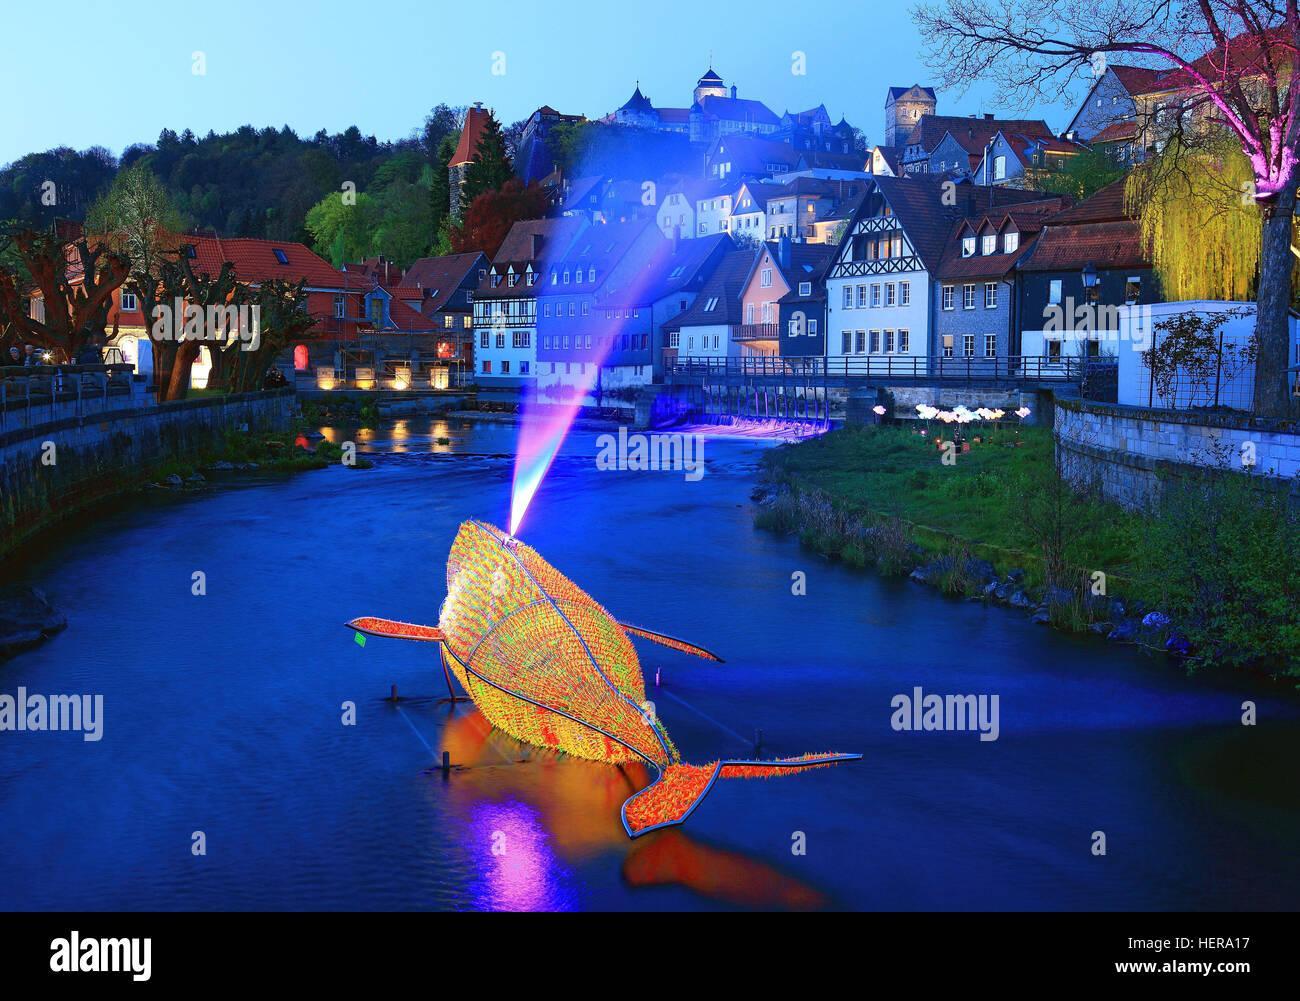 Lichtinstallation in der Hasslach, jährliches Festival Kronach leuchtet, Kronach, Oberfranken, Bayern, Deutschland - Stock Image